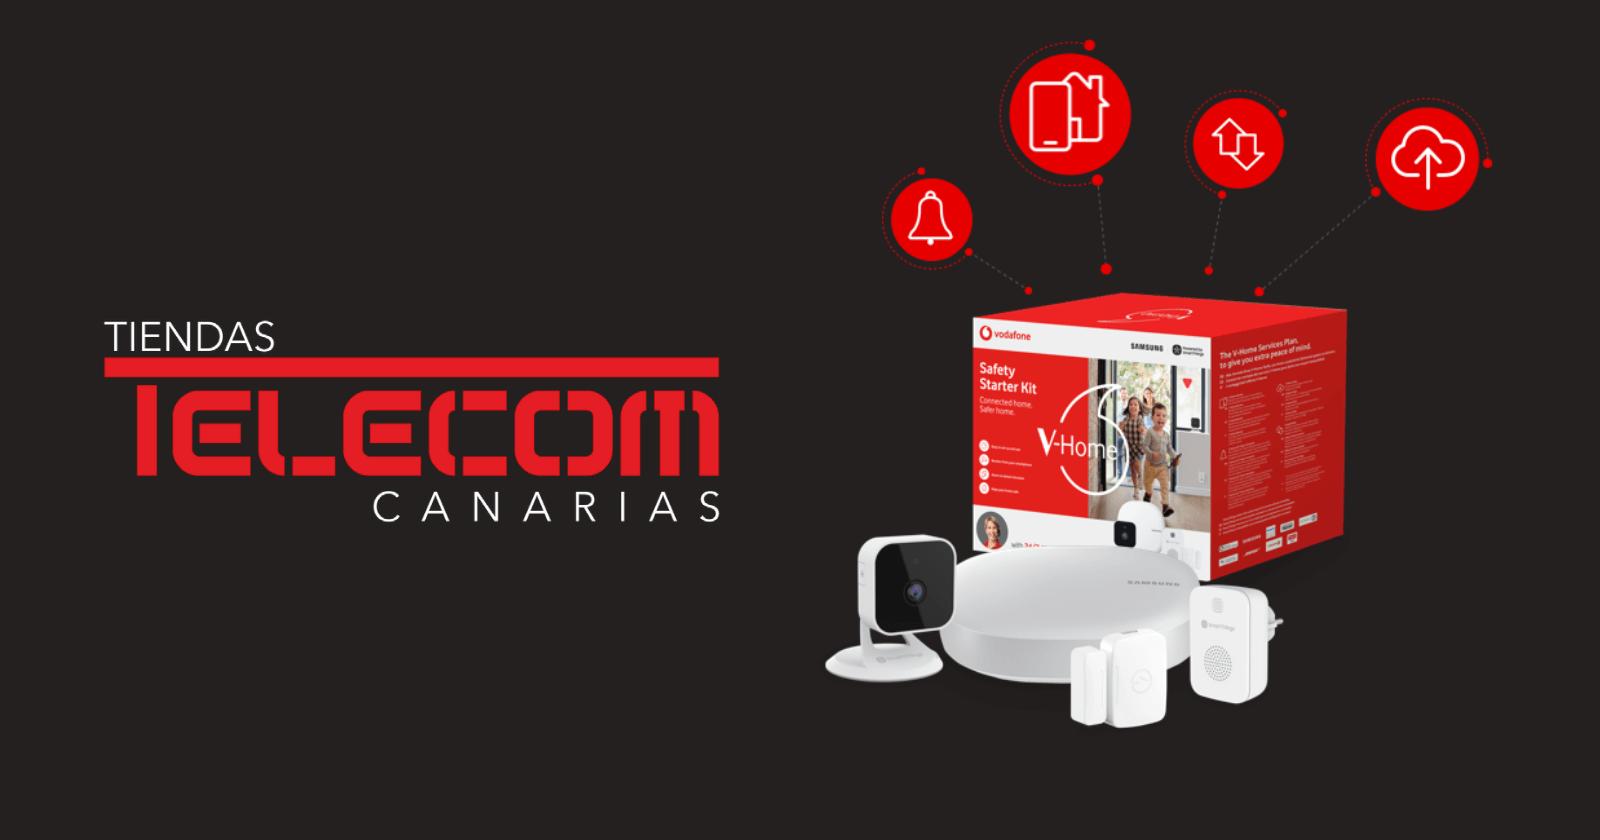 Tiendas Vodafone en Canarias, Vodafone Tenerife, V-Home Canarias,